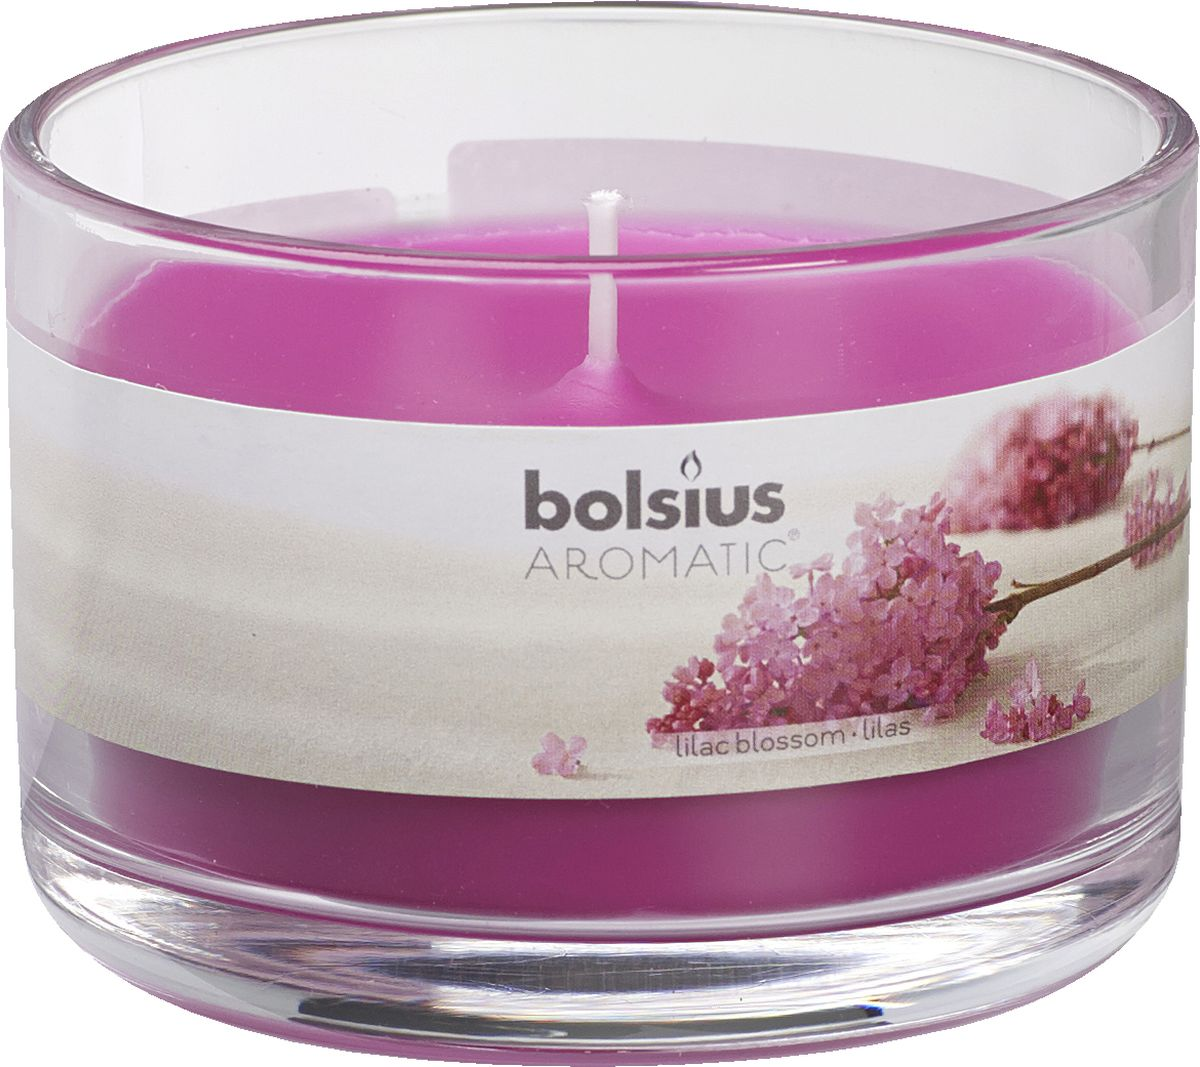 Свеча ароматизированная Bolsius Сирень, высота 6,3 см103625820351Ароматизированная свеча Bolsius, изготовленная из парафина, помещена в подсвечник, выполненный из стекла. Изделие отличается оригинальным дизайном и приятным ароматом. Такая свеча не только поможет дополнить интерьер вашей комнаты, но и станет отличным подарком.